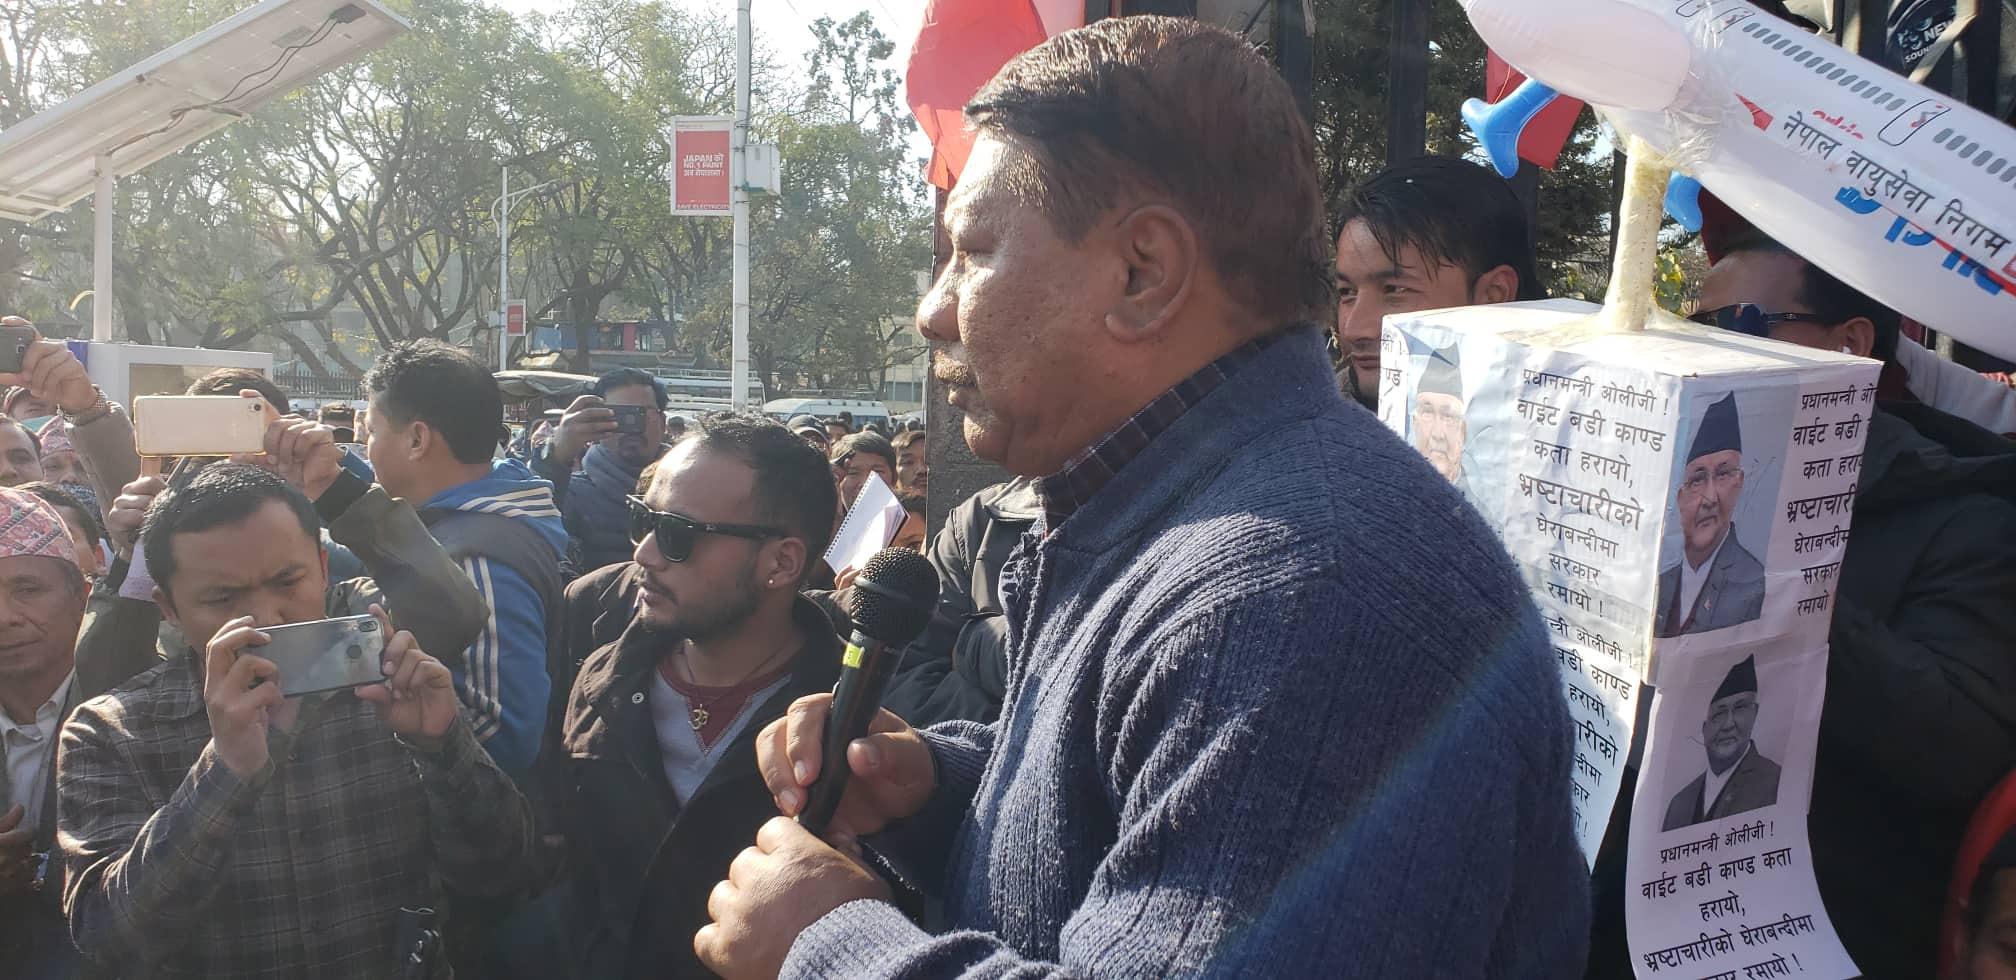 काँग्रेसले ७७ वटै जिल्लामा ओली सरकार बिरुद्ध गर्यो भीषण प्रदर्शन (फोटो फिचर)